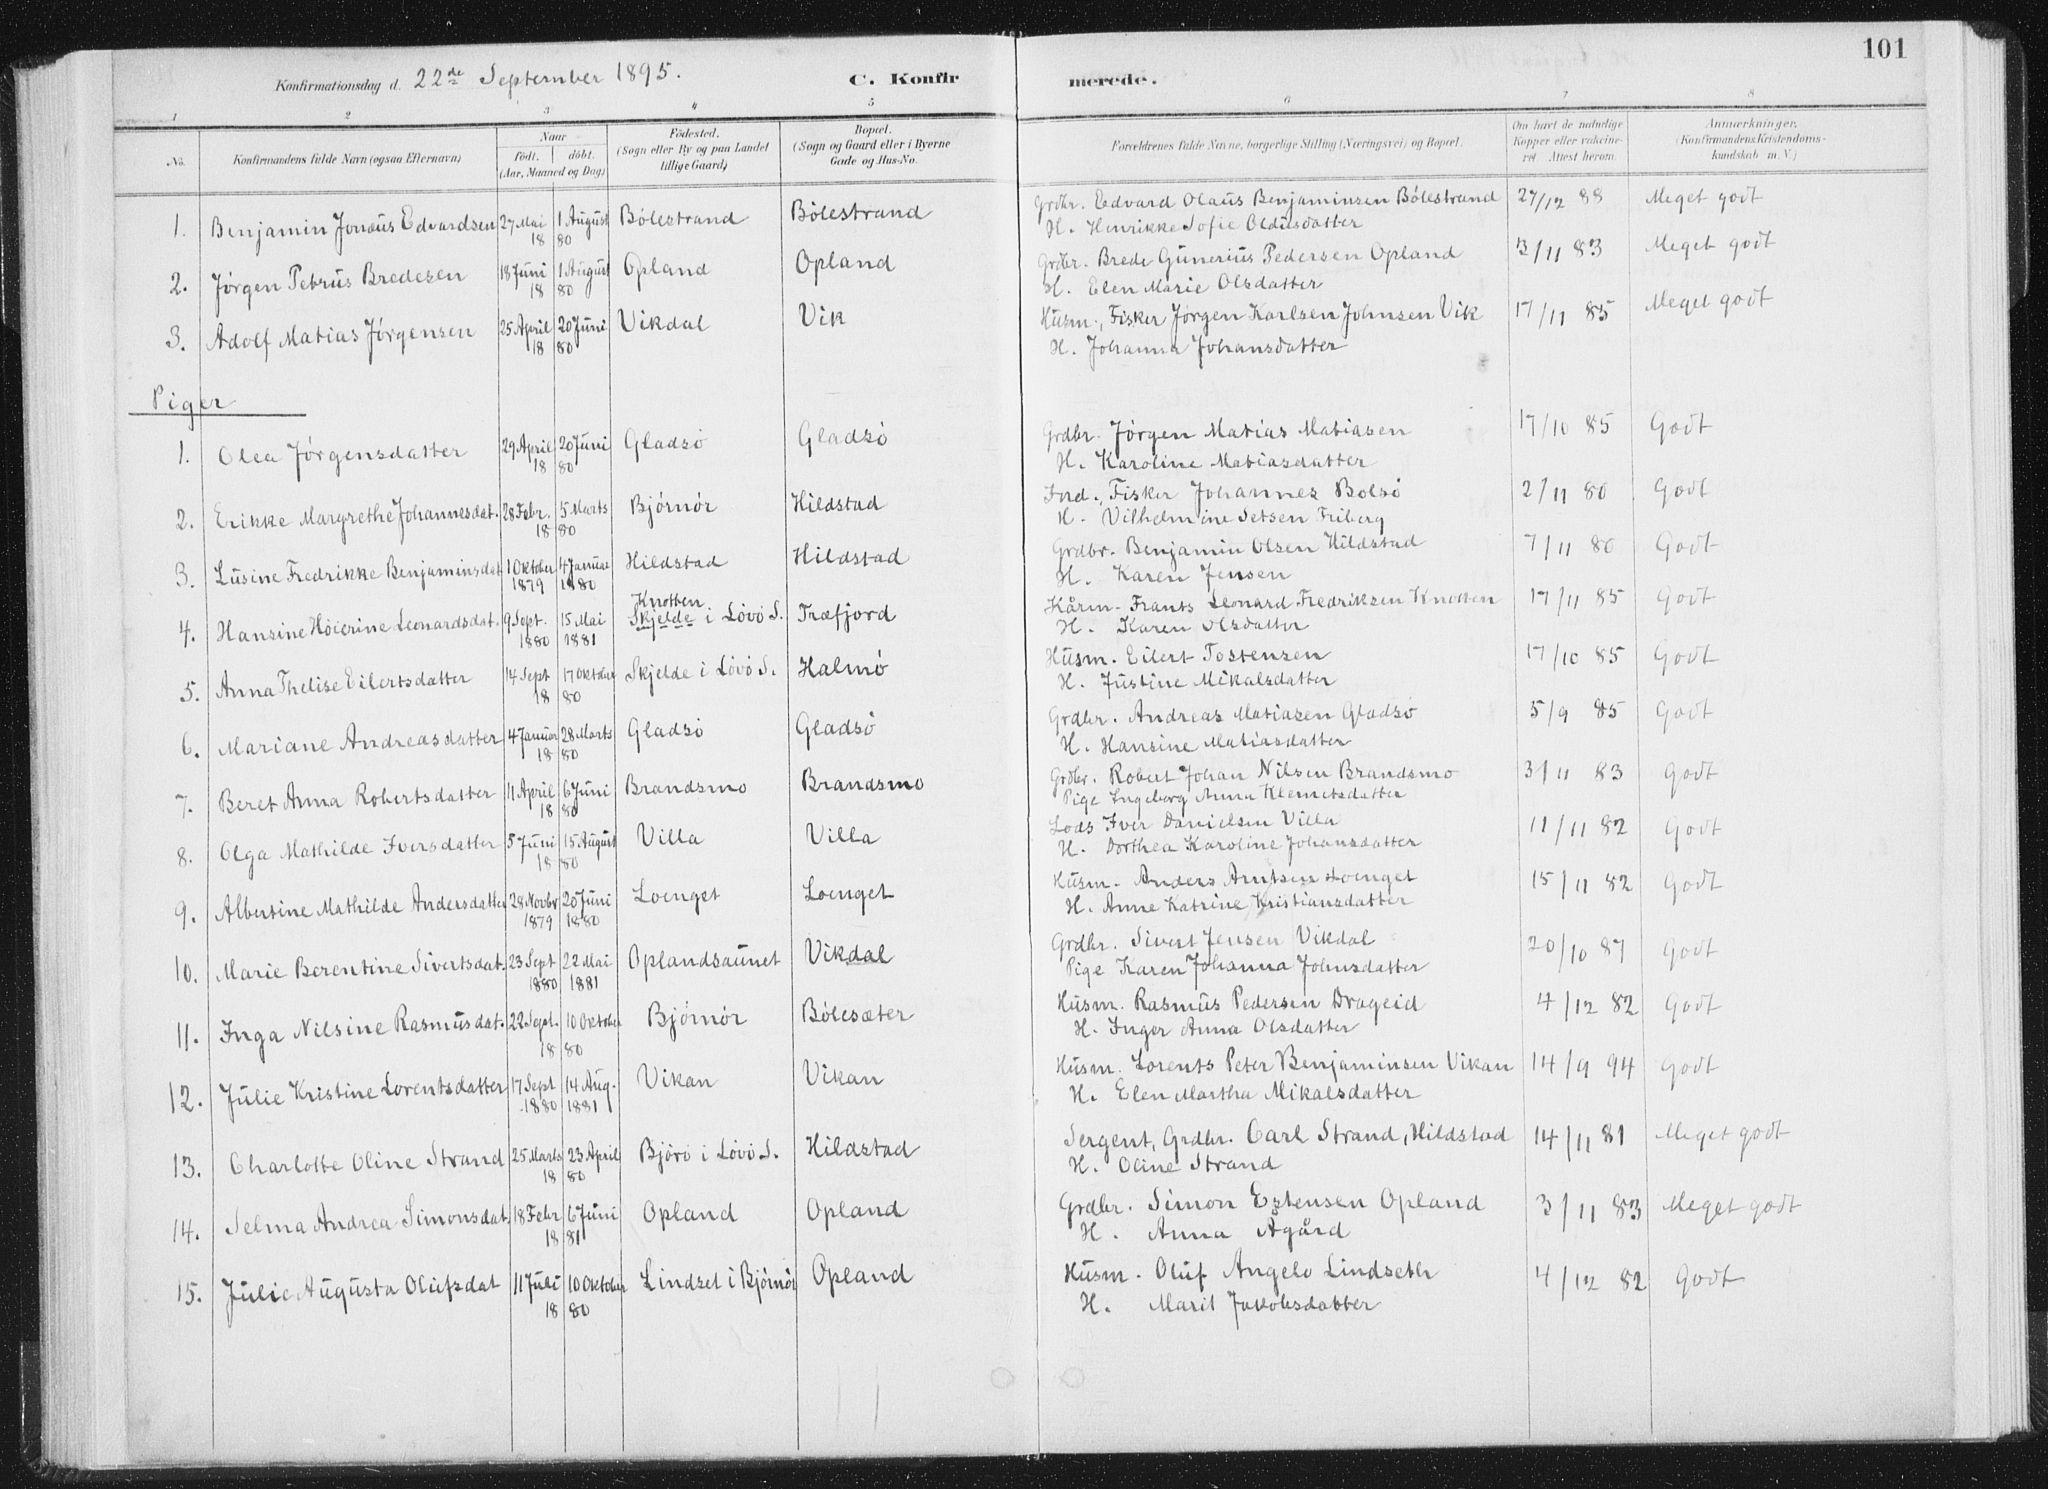 SAT, Ministerialprotokoller, klokkerbøker og fødselsregistre - Nord-Trøndelag, 771/L0597: Ministerialbok nr. 771A04, 1885-1910, s. 101